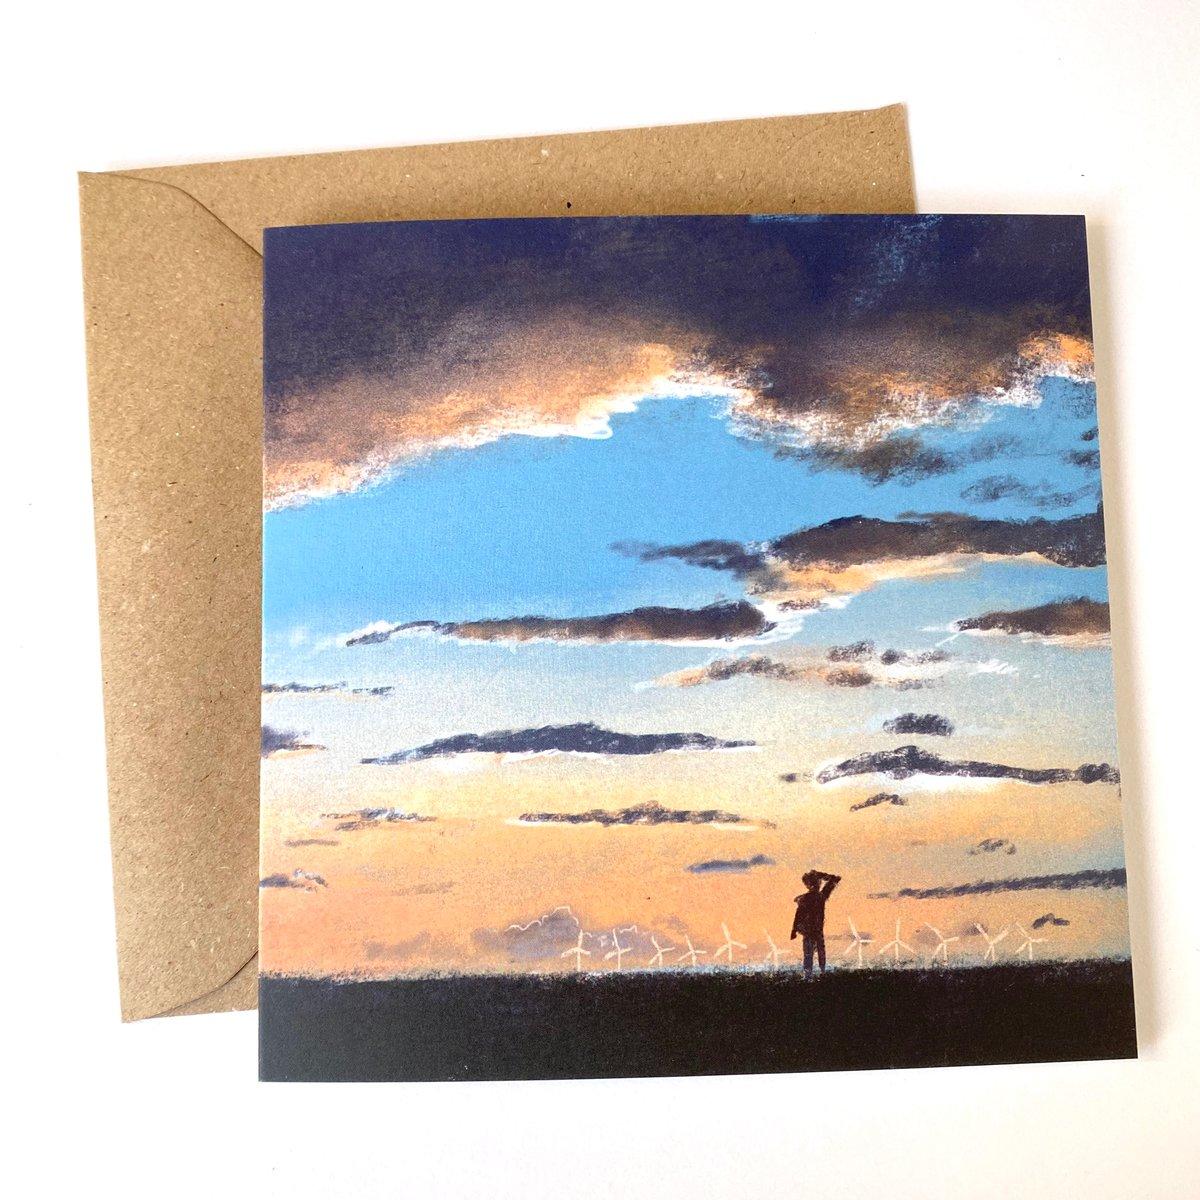 Image of Skies - set of 5 Luxury greetings cards